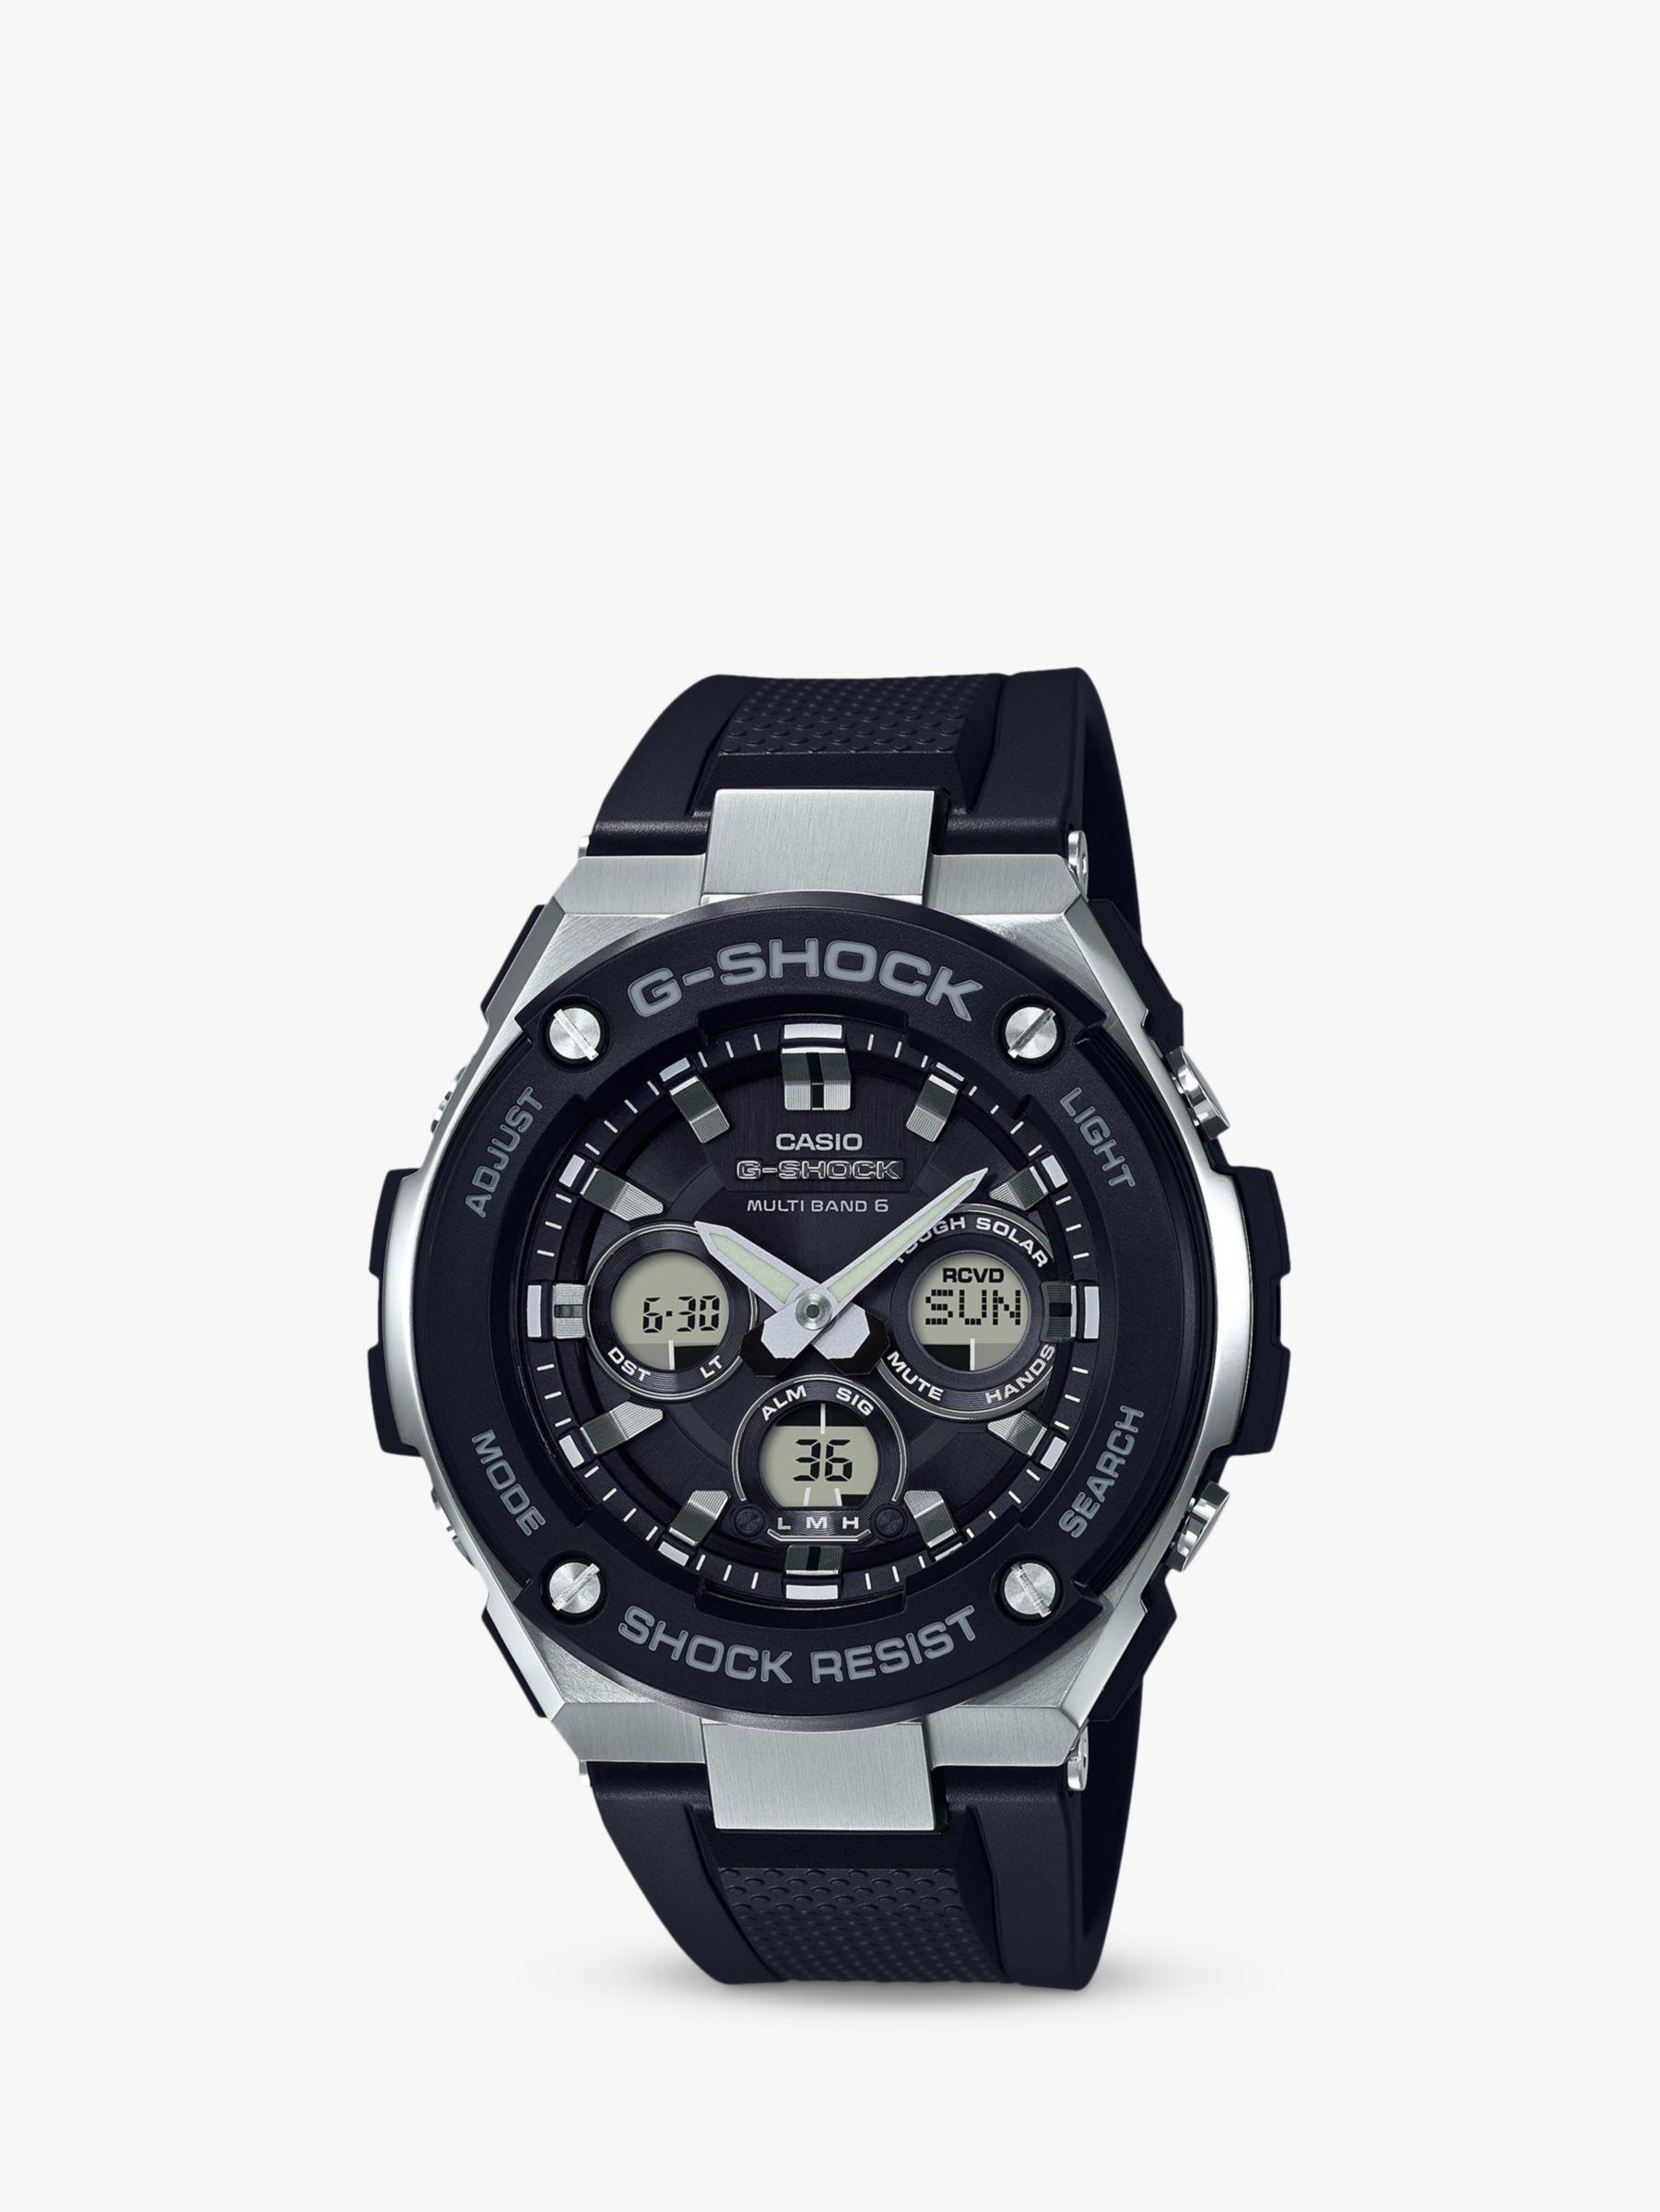 Casio Men's G-Shock G-Steel Watch